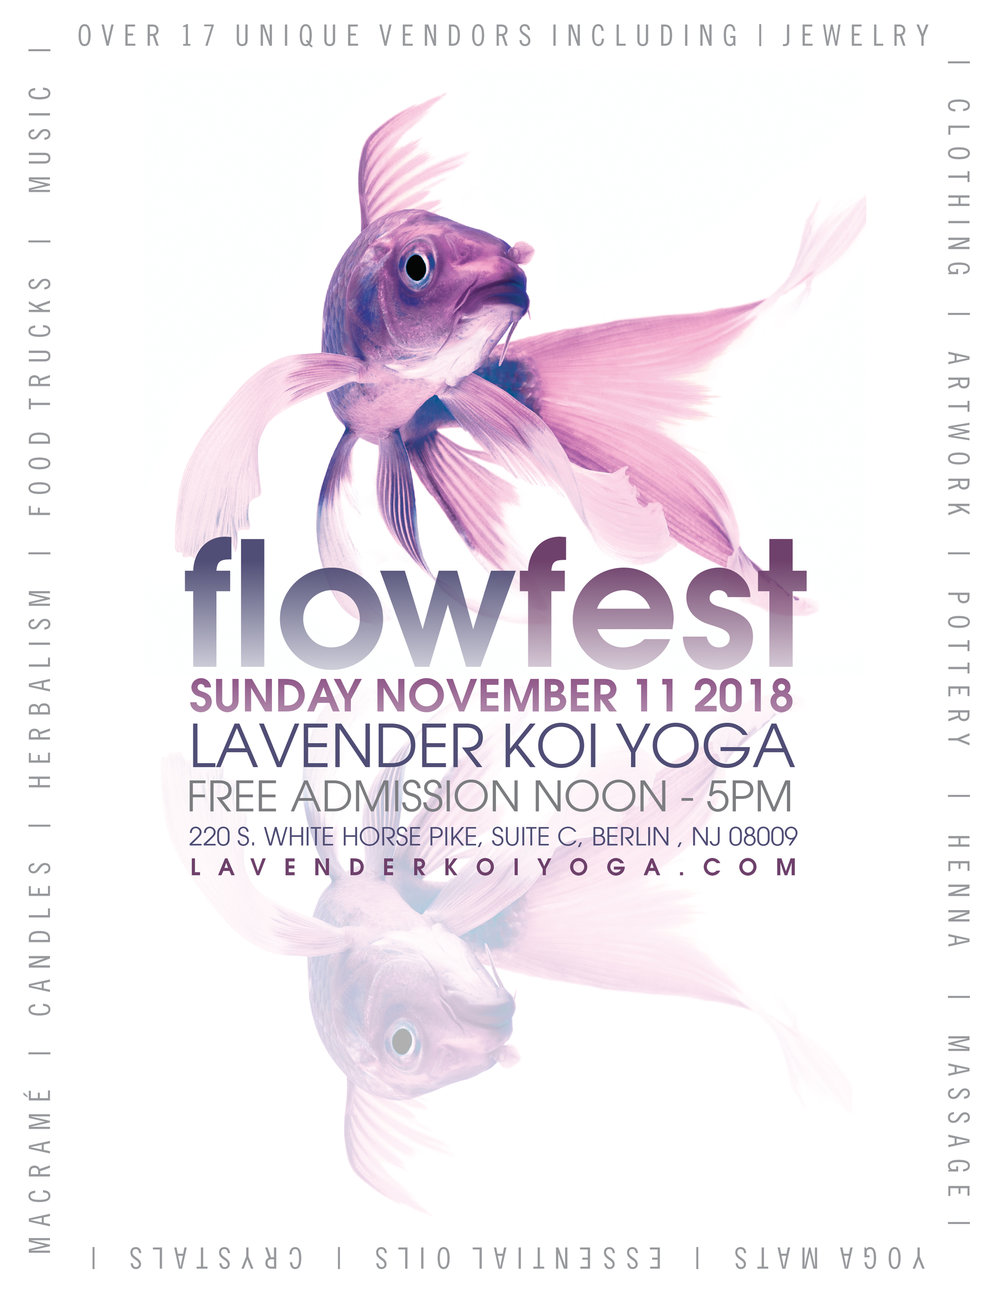 flowfest.new.jpg